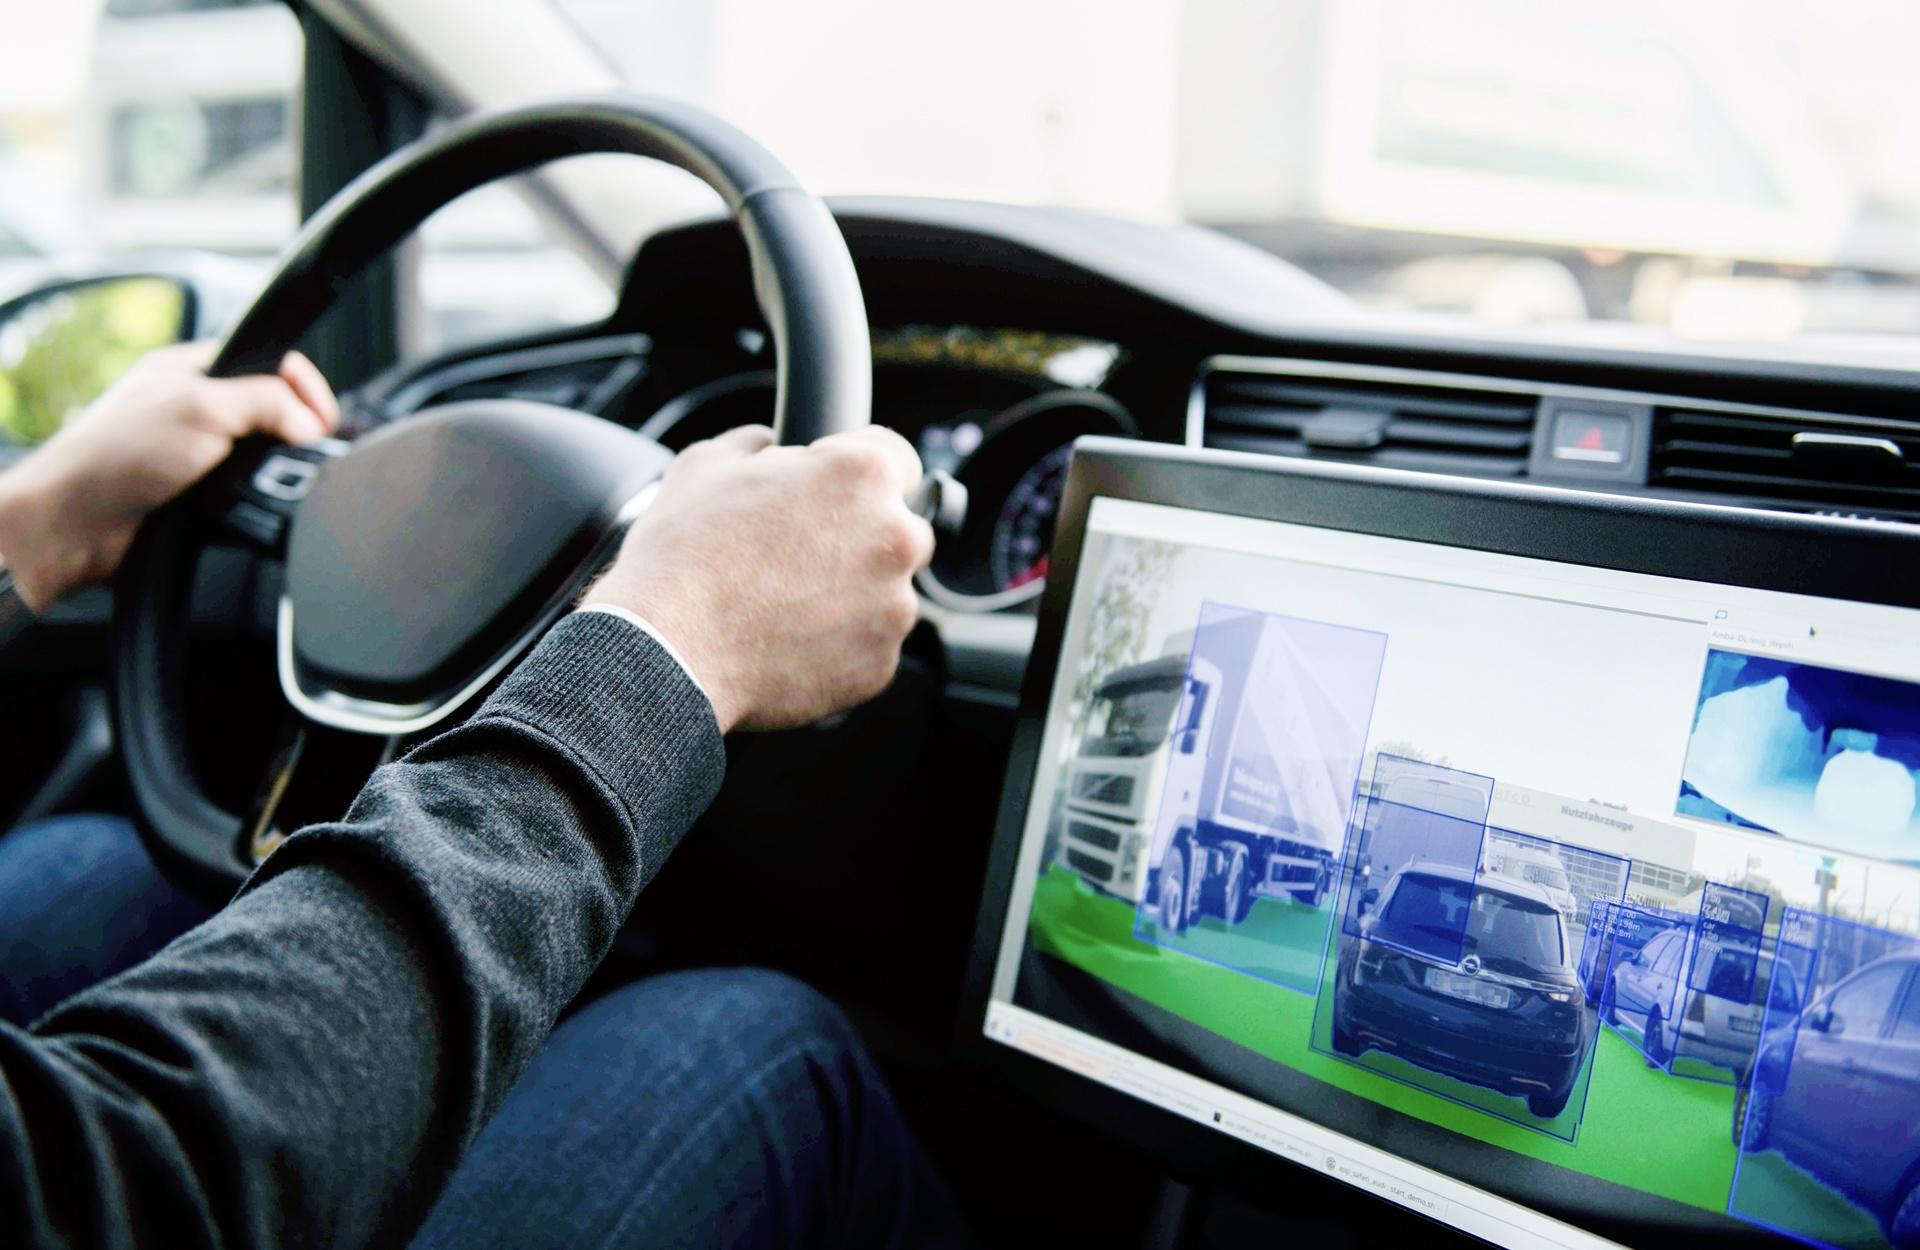 Der Bildschirm neben dem Lenkrad zeigt die kamerabasierte Detektion von Fahrzeugen und Straßenfläche im Stadtverkehr.